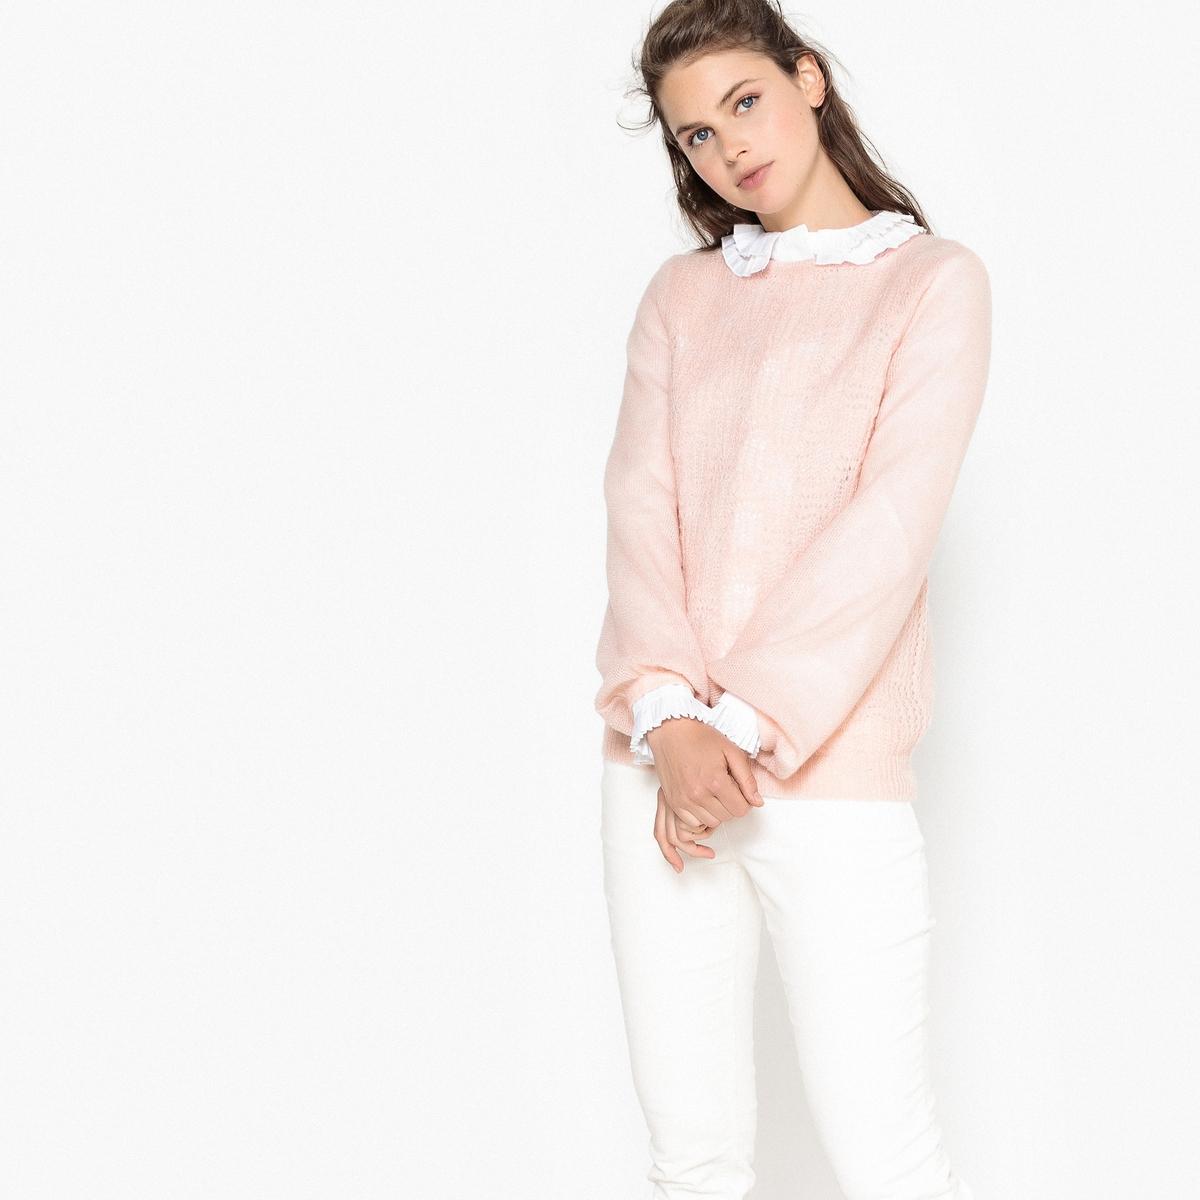 Пуловер ажурный с круглым вырезом ажурный пуловер quelle ajc 787037